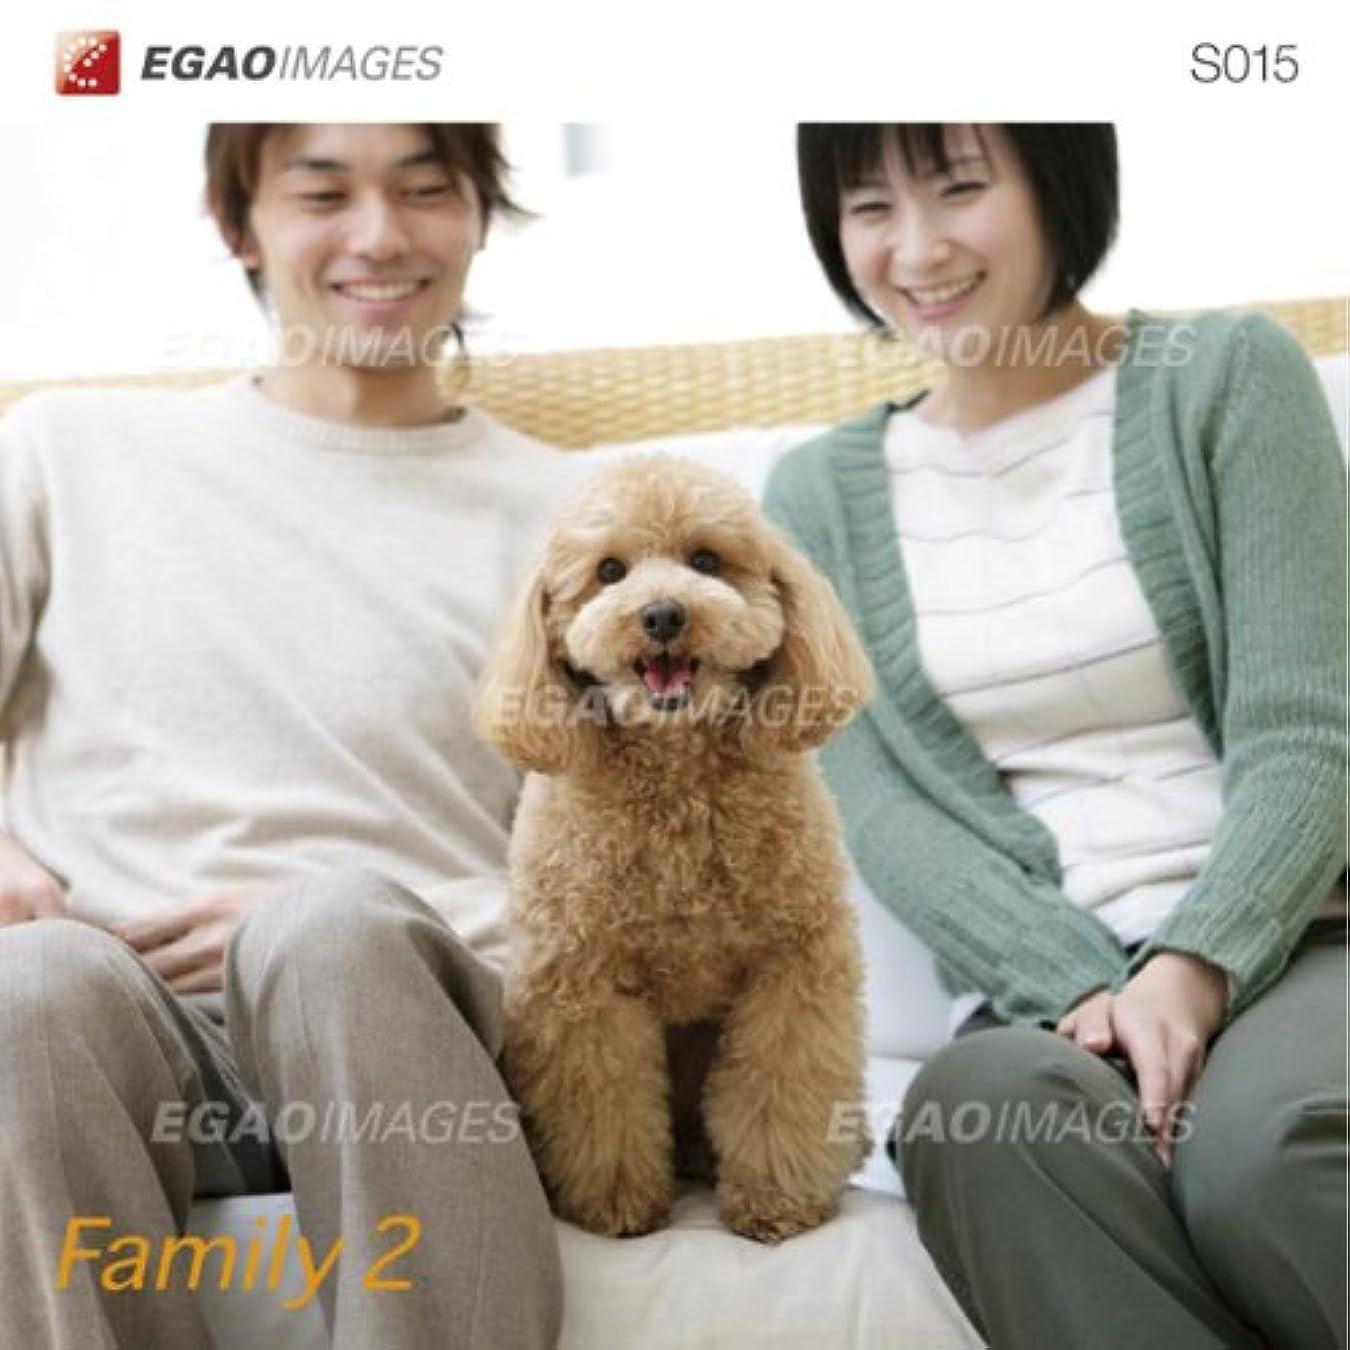 スチール最愛のハンサムEGAOIMAGES S015 家族「ファミリー2」